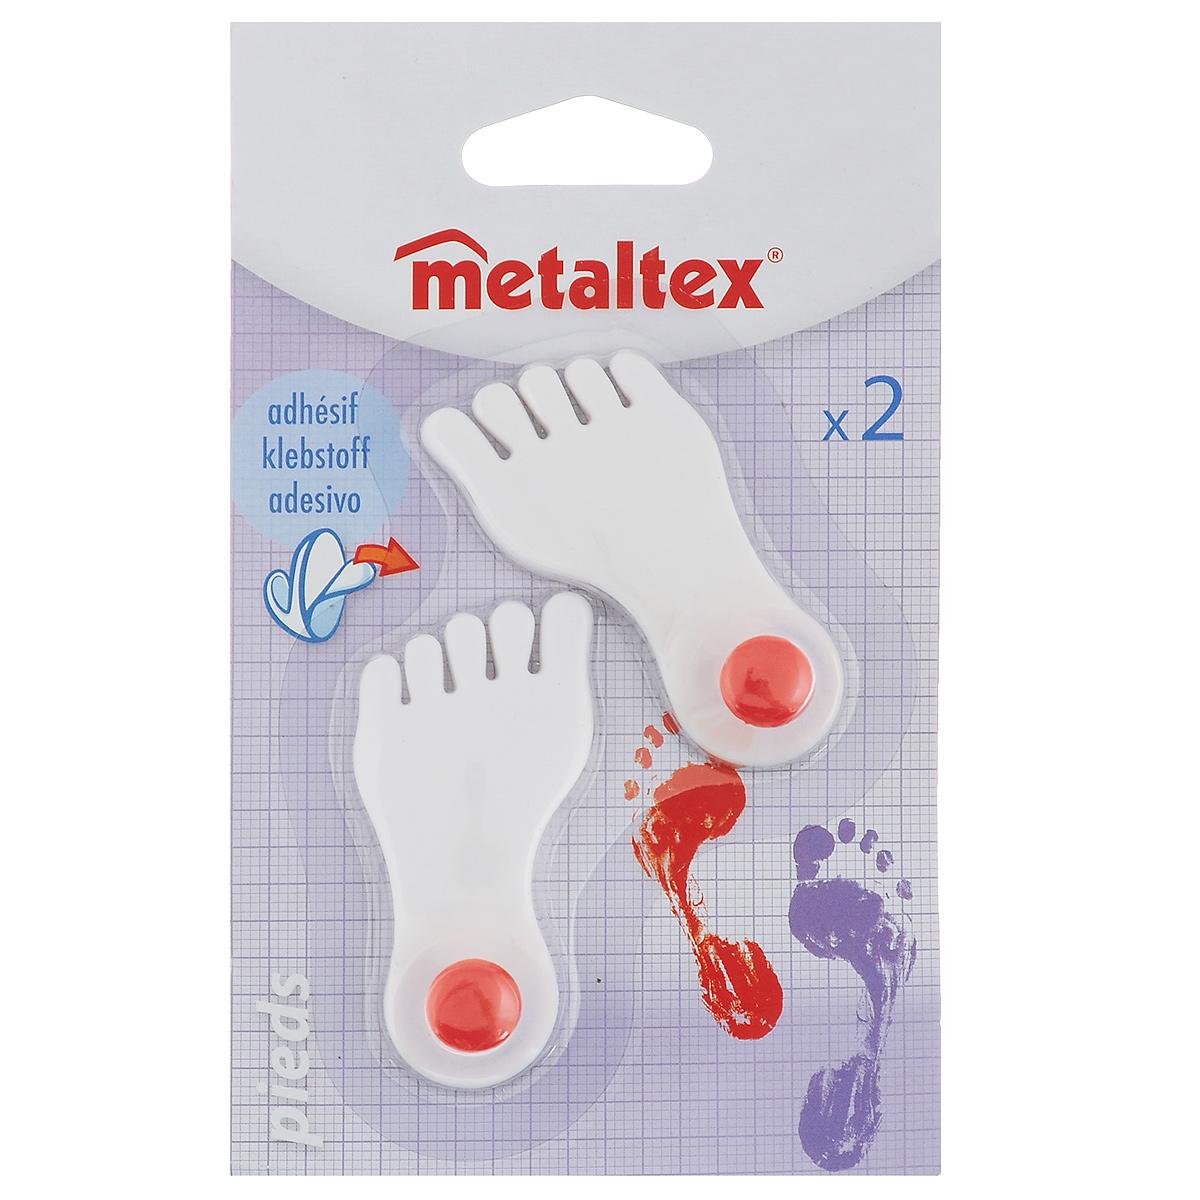 Набор крючков Metaltex Pieds, 2 шт40553000Набор настенных крючков Metaltex Pieds изготовлен из прочного пластика в виде левой и правой ножки. Они прекрасно подойдут для вашей ванной комнаты или кухни и не займут много места, надежно выдержав все, что вы на них повесите. Крючки могут крепится на стену с помощью липкой ленты которая находится на задней стороне крючка.Размер крючка: 3 см х 1,5 см х 6,5 см.Комплектация: 2 шт.